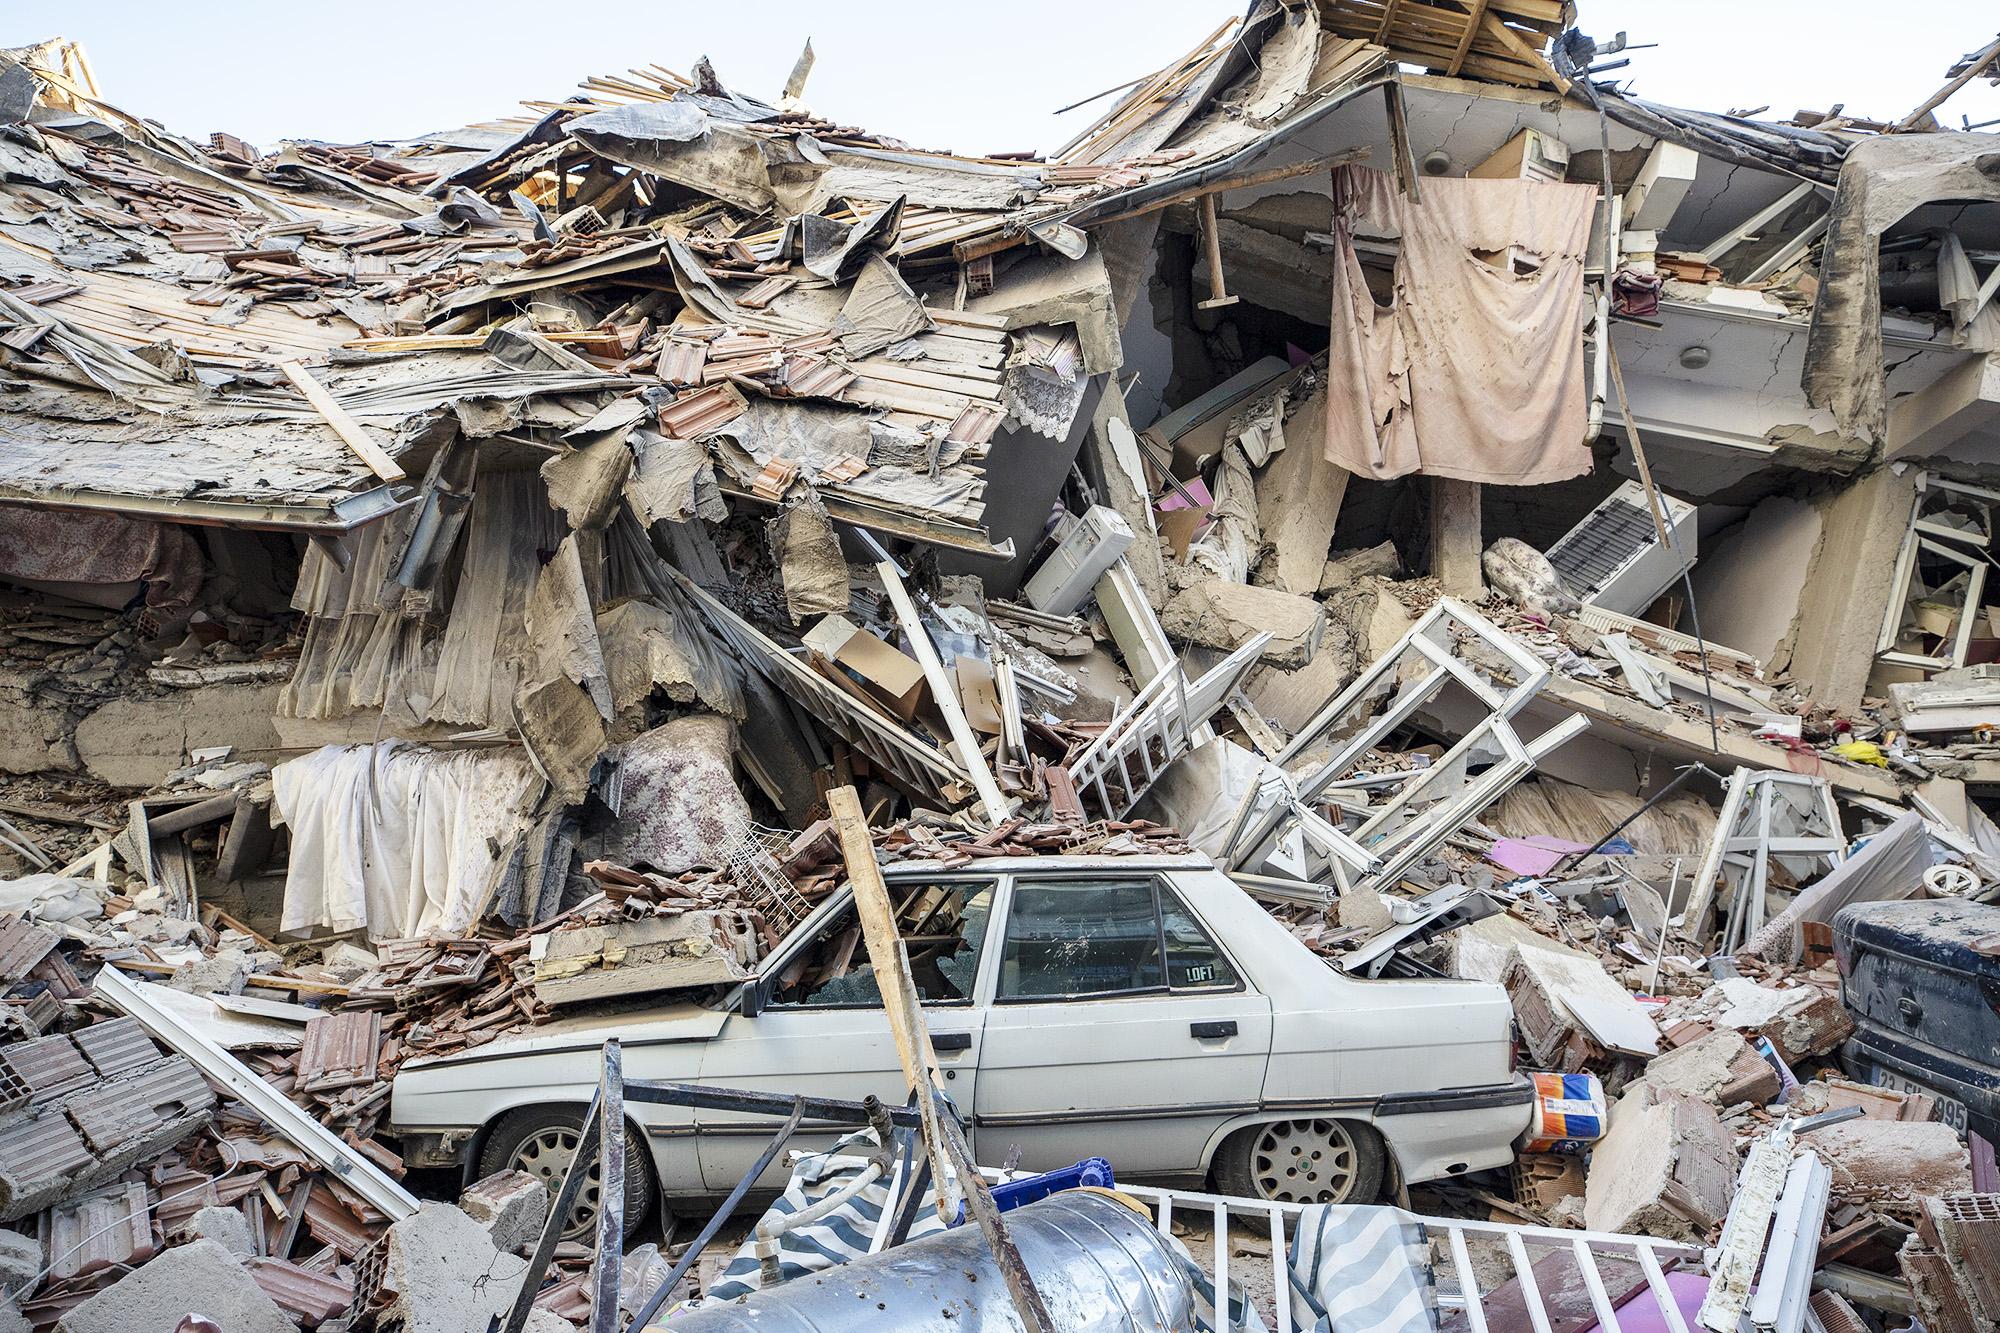 25 января: застрявший вобломках автомобиль после землятресения, сотрясшего провинцию Элязыг навостоке Турции. Погибли, поменьшей мере, 20 человек, еще больше 1000 человек были ранены.